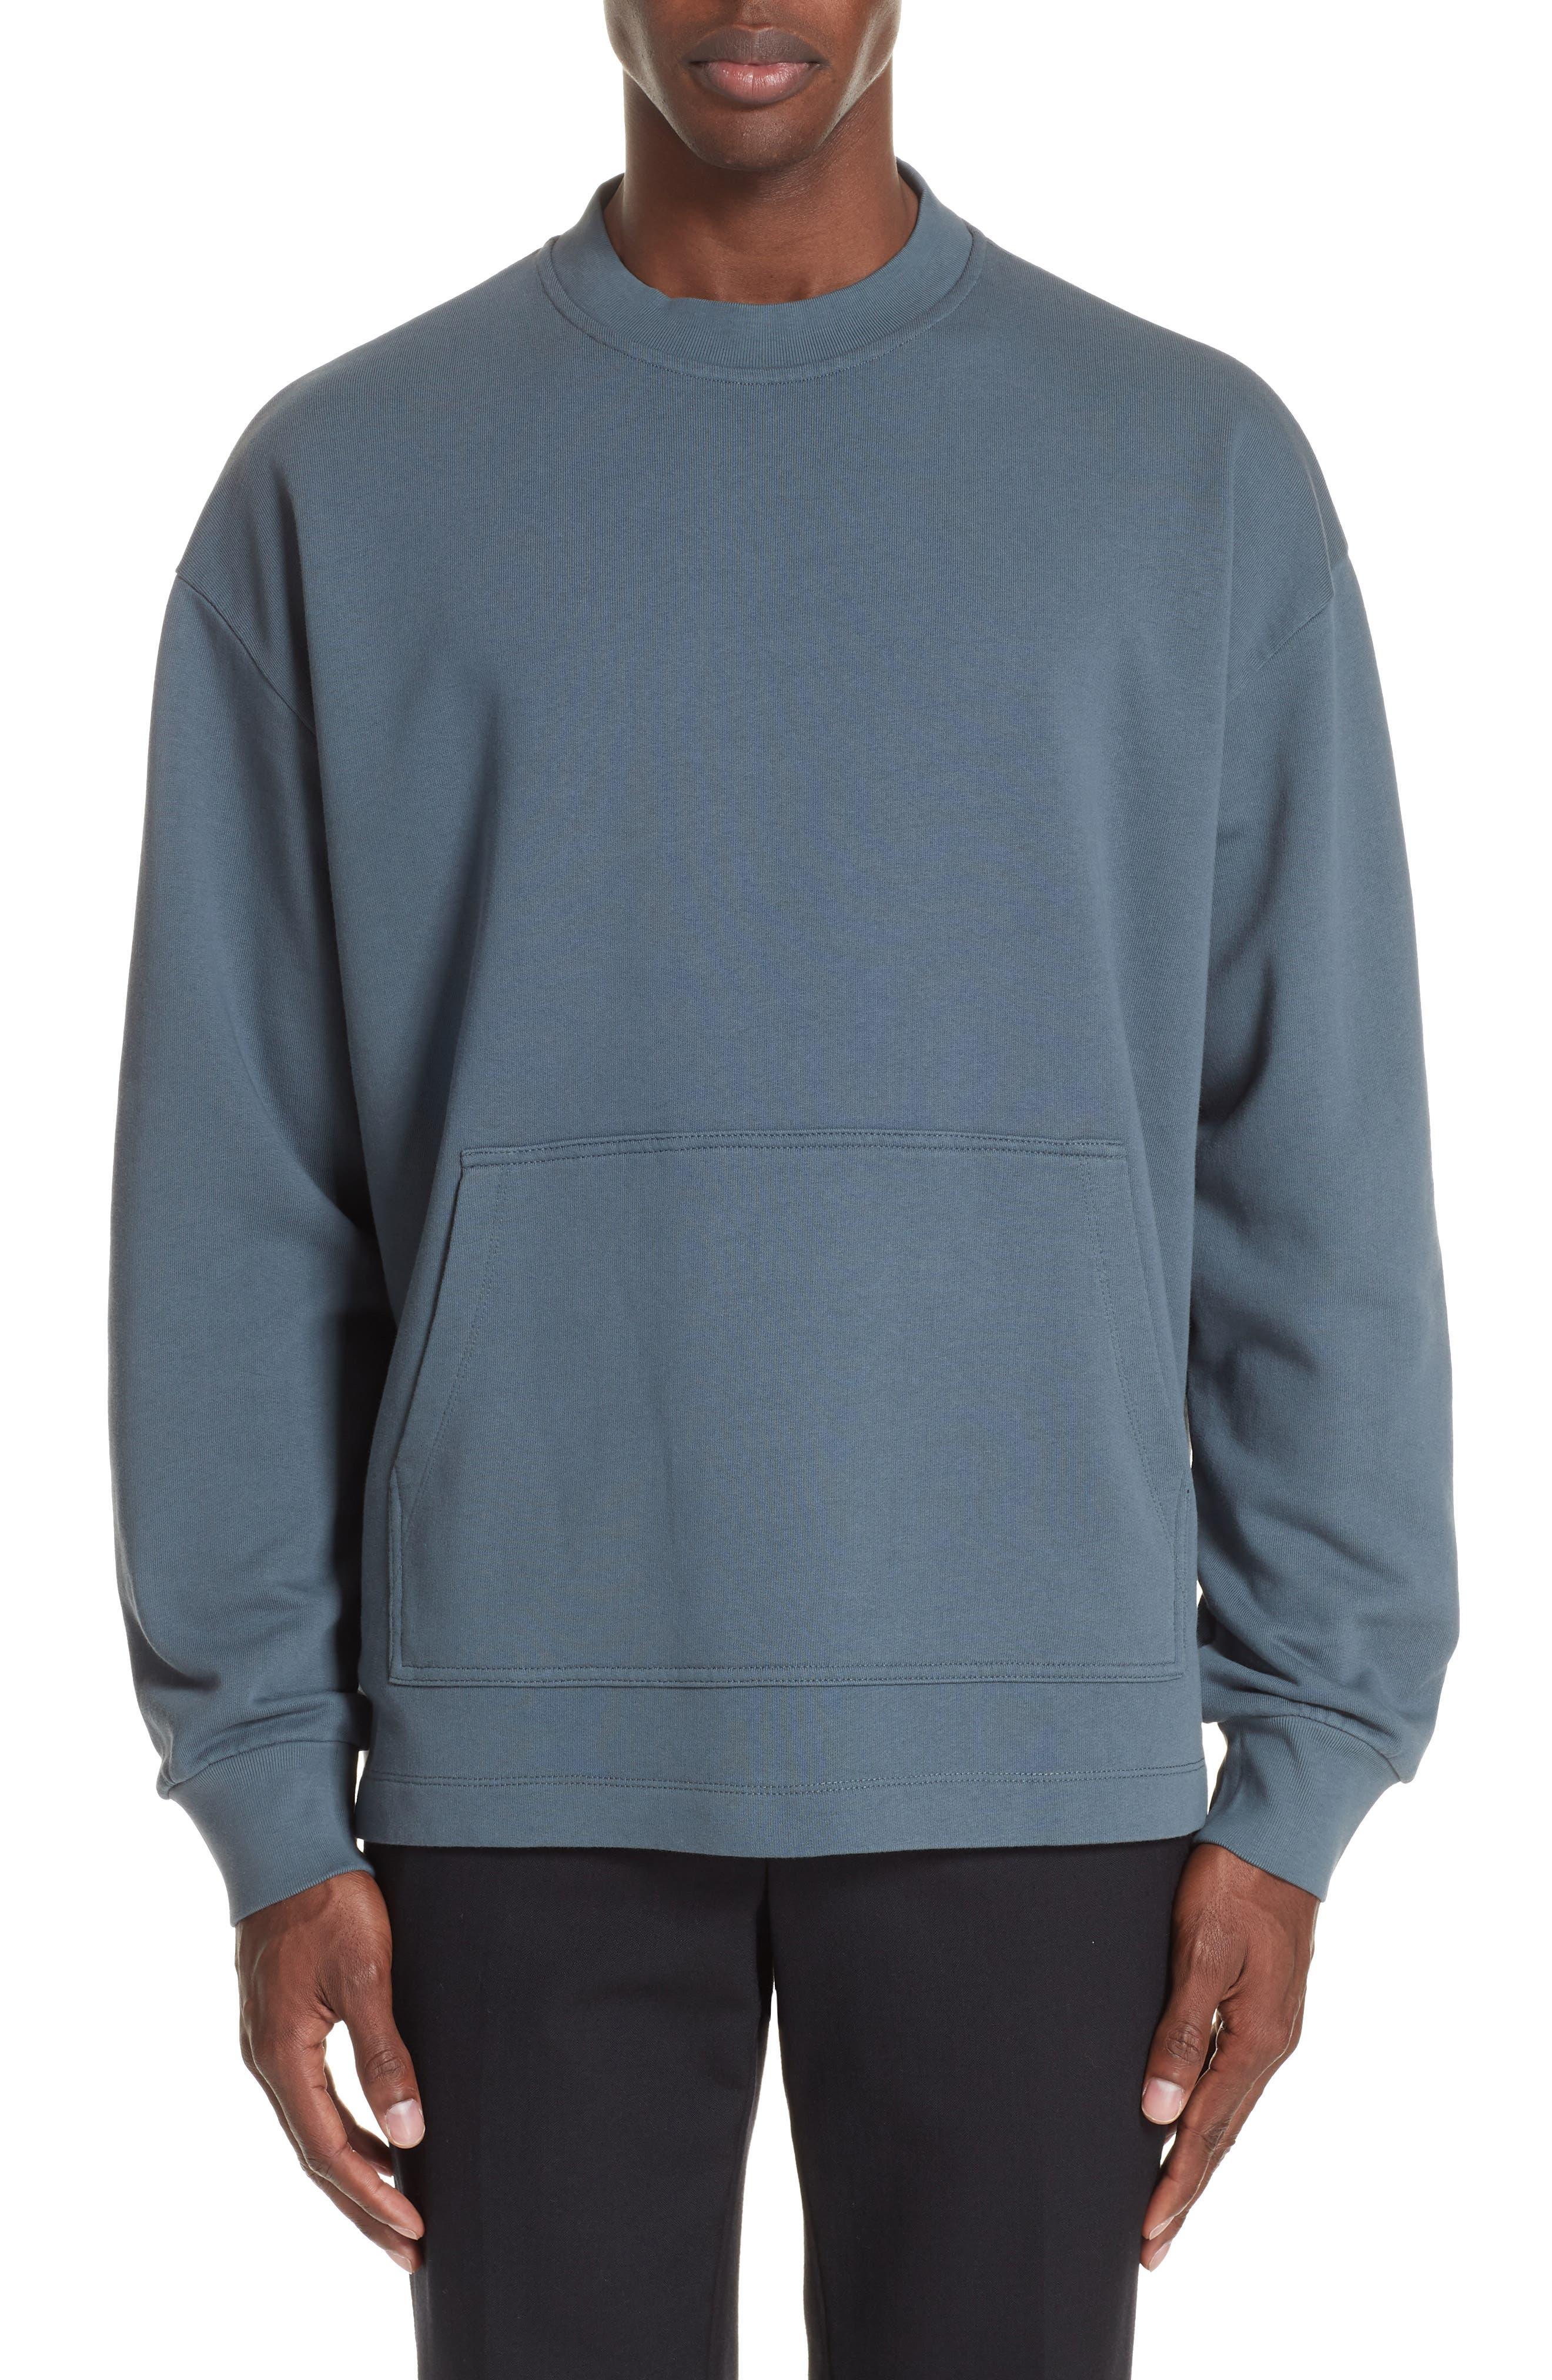 Fleece Knit Sweatshirt,                         Main,                         color, GREY